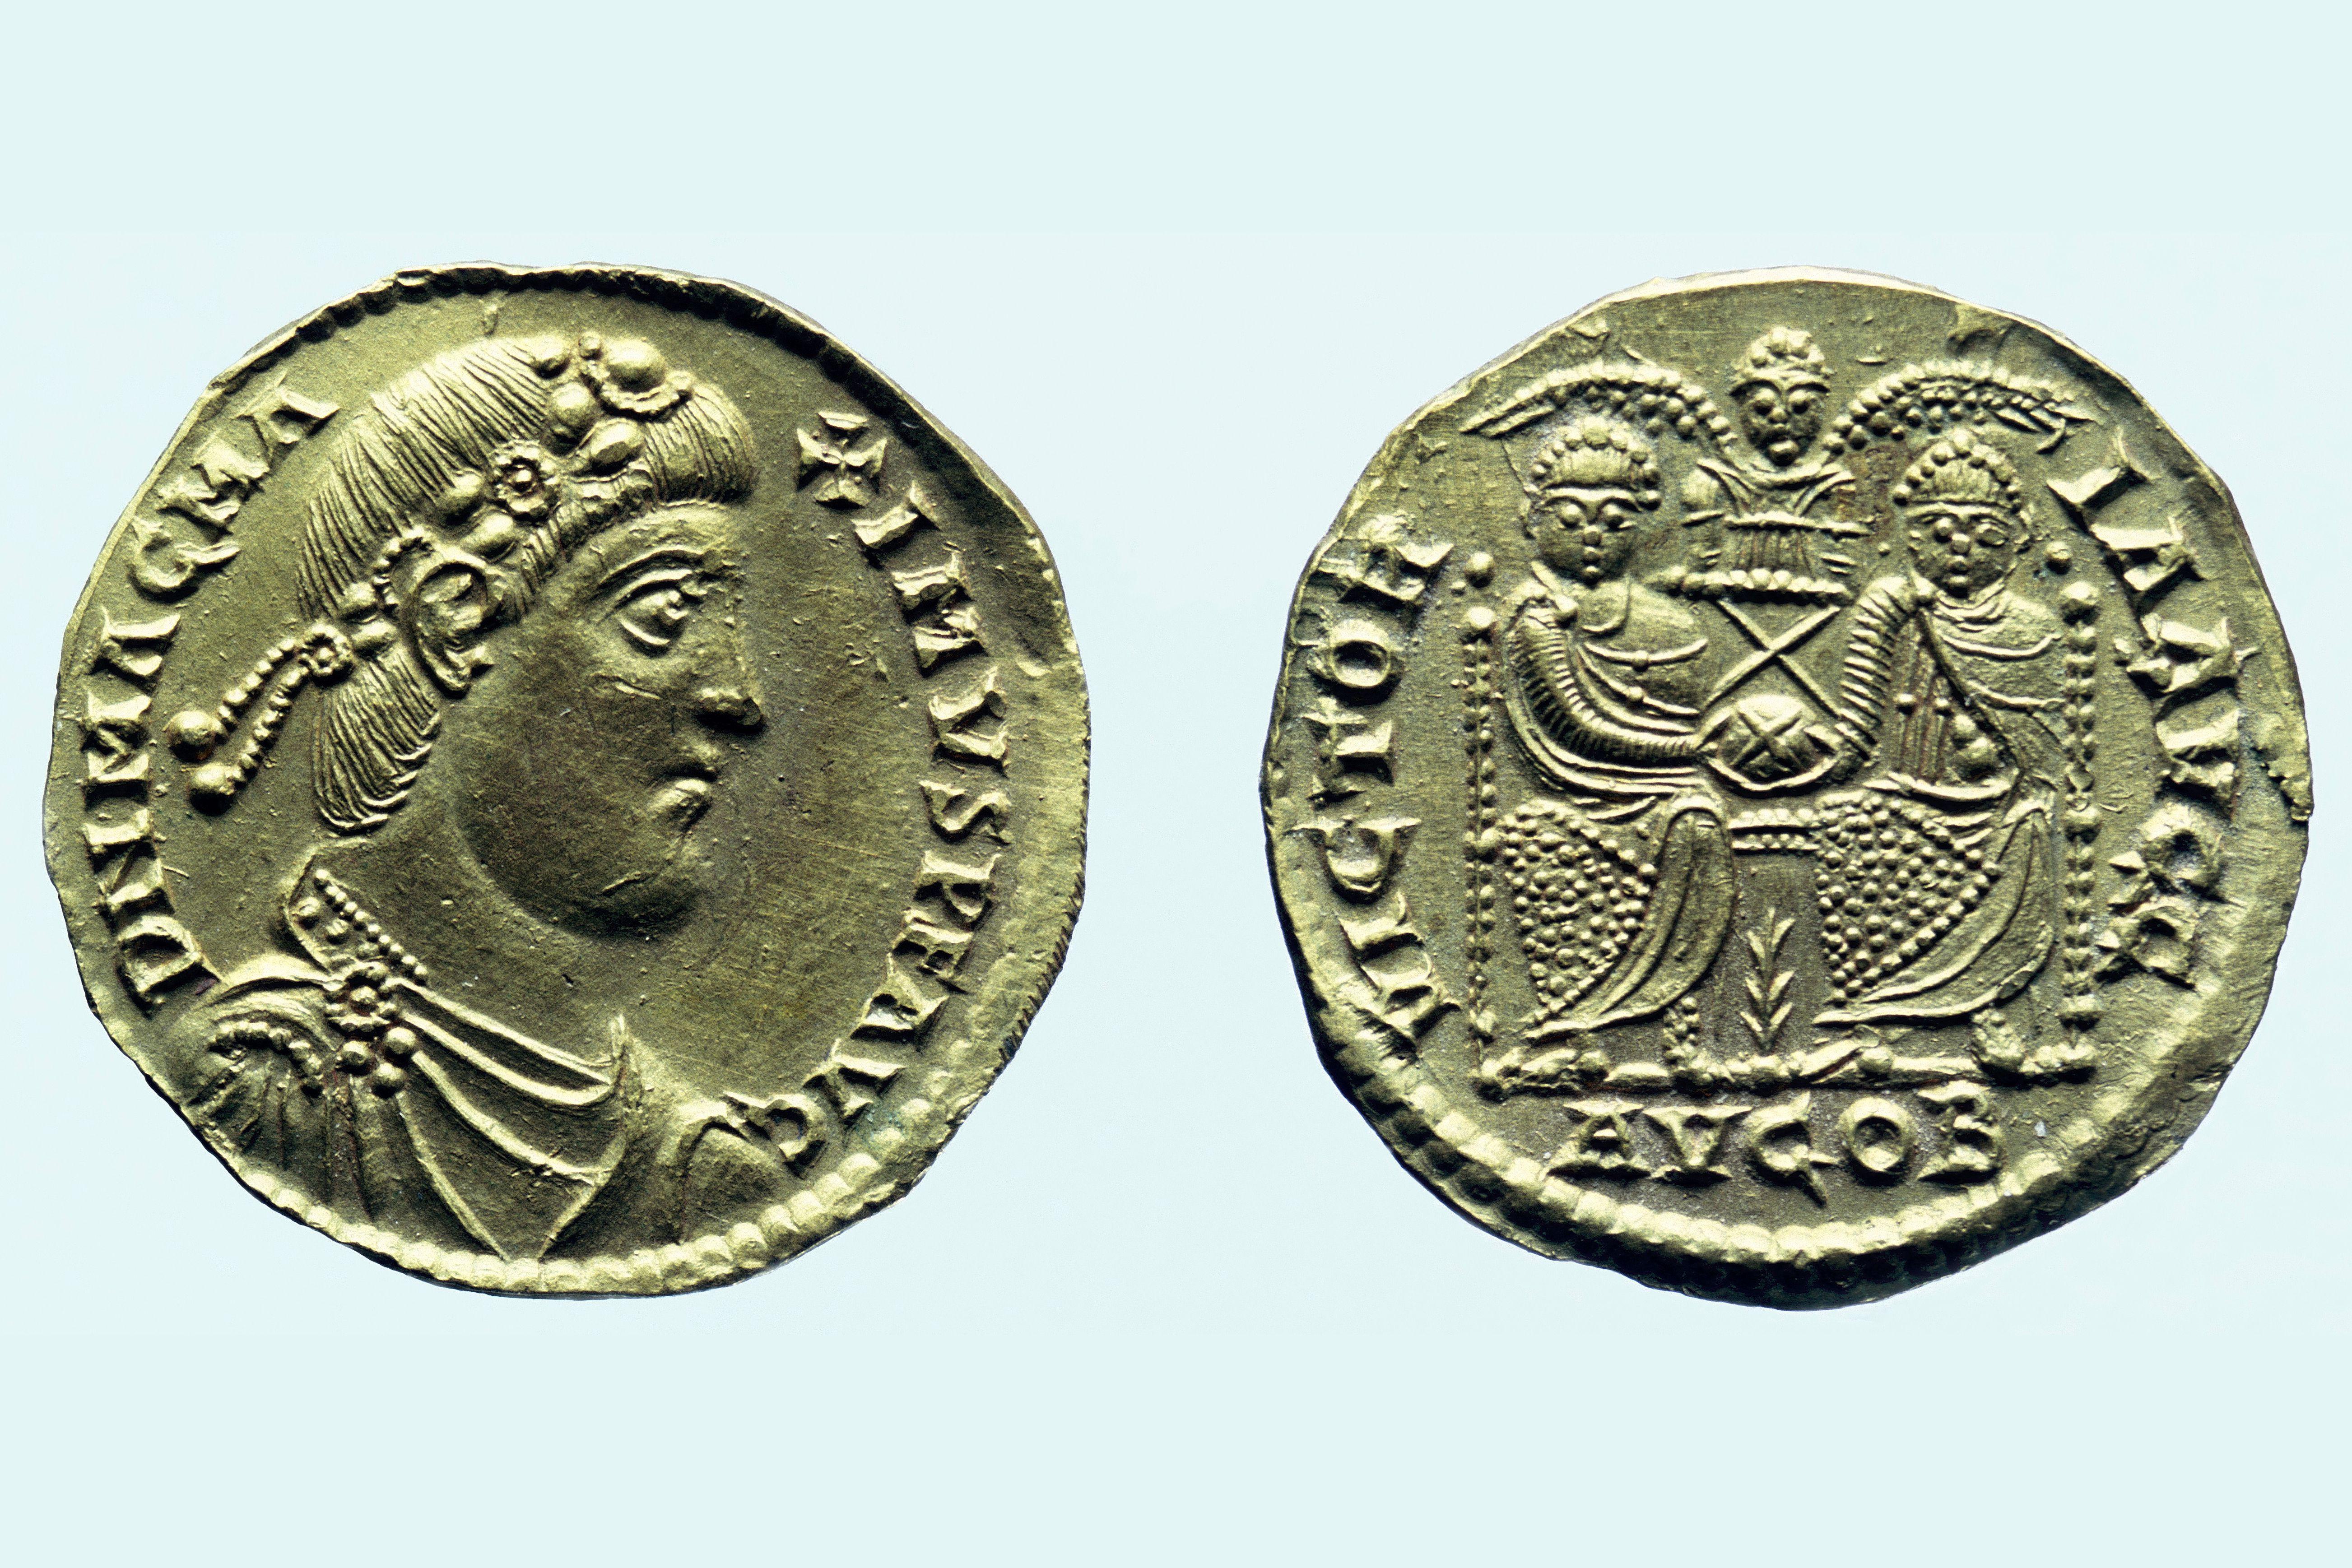 Gold solidus of Magnus Maximus, c383-c388 AD